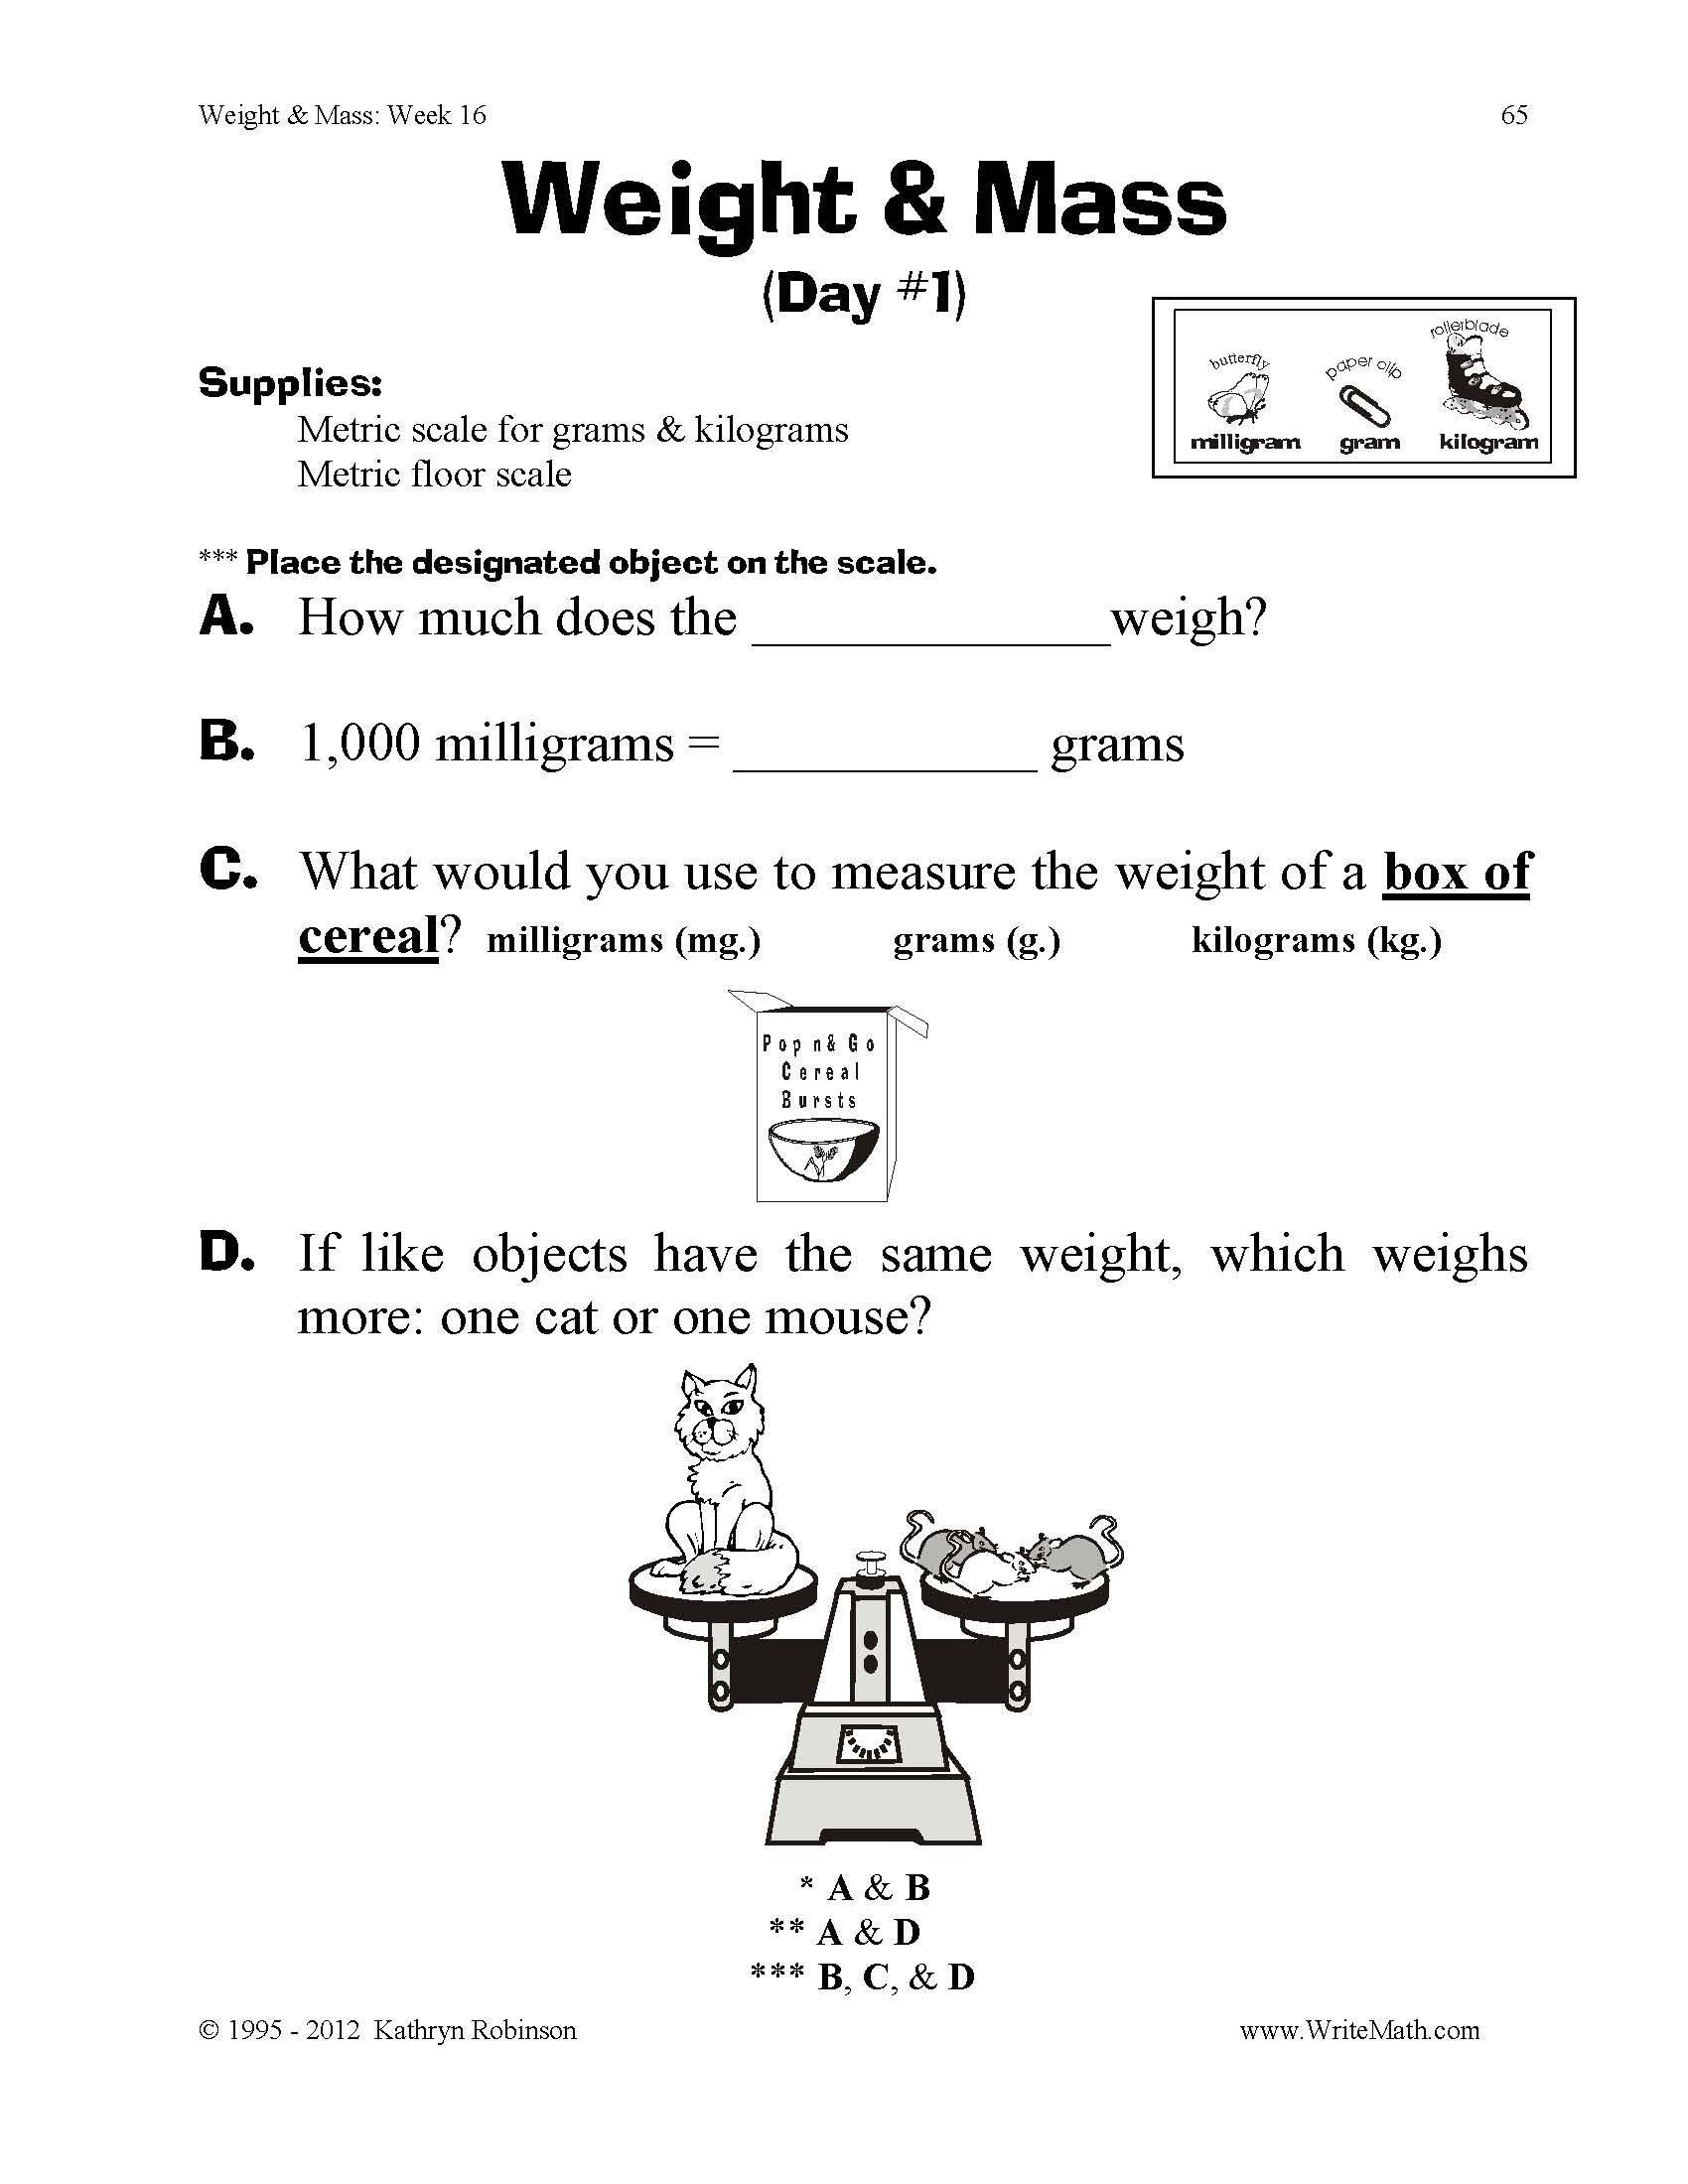 Mass and Weight Worksheet Teaching Weight & Mass 3rd 4th 5th Grade Math Worksheets